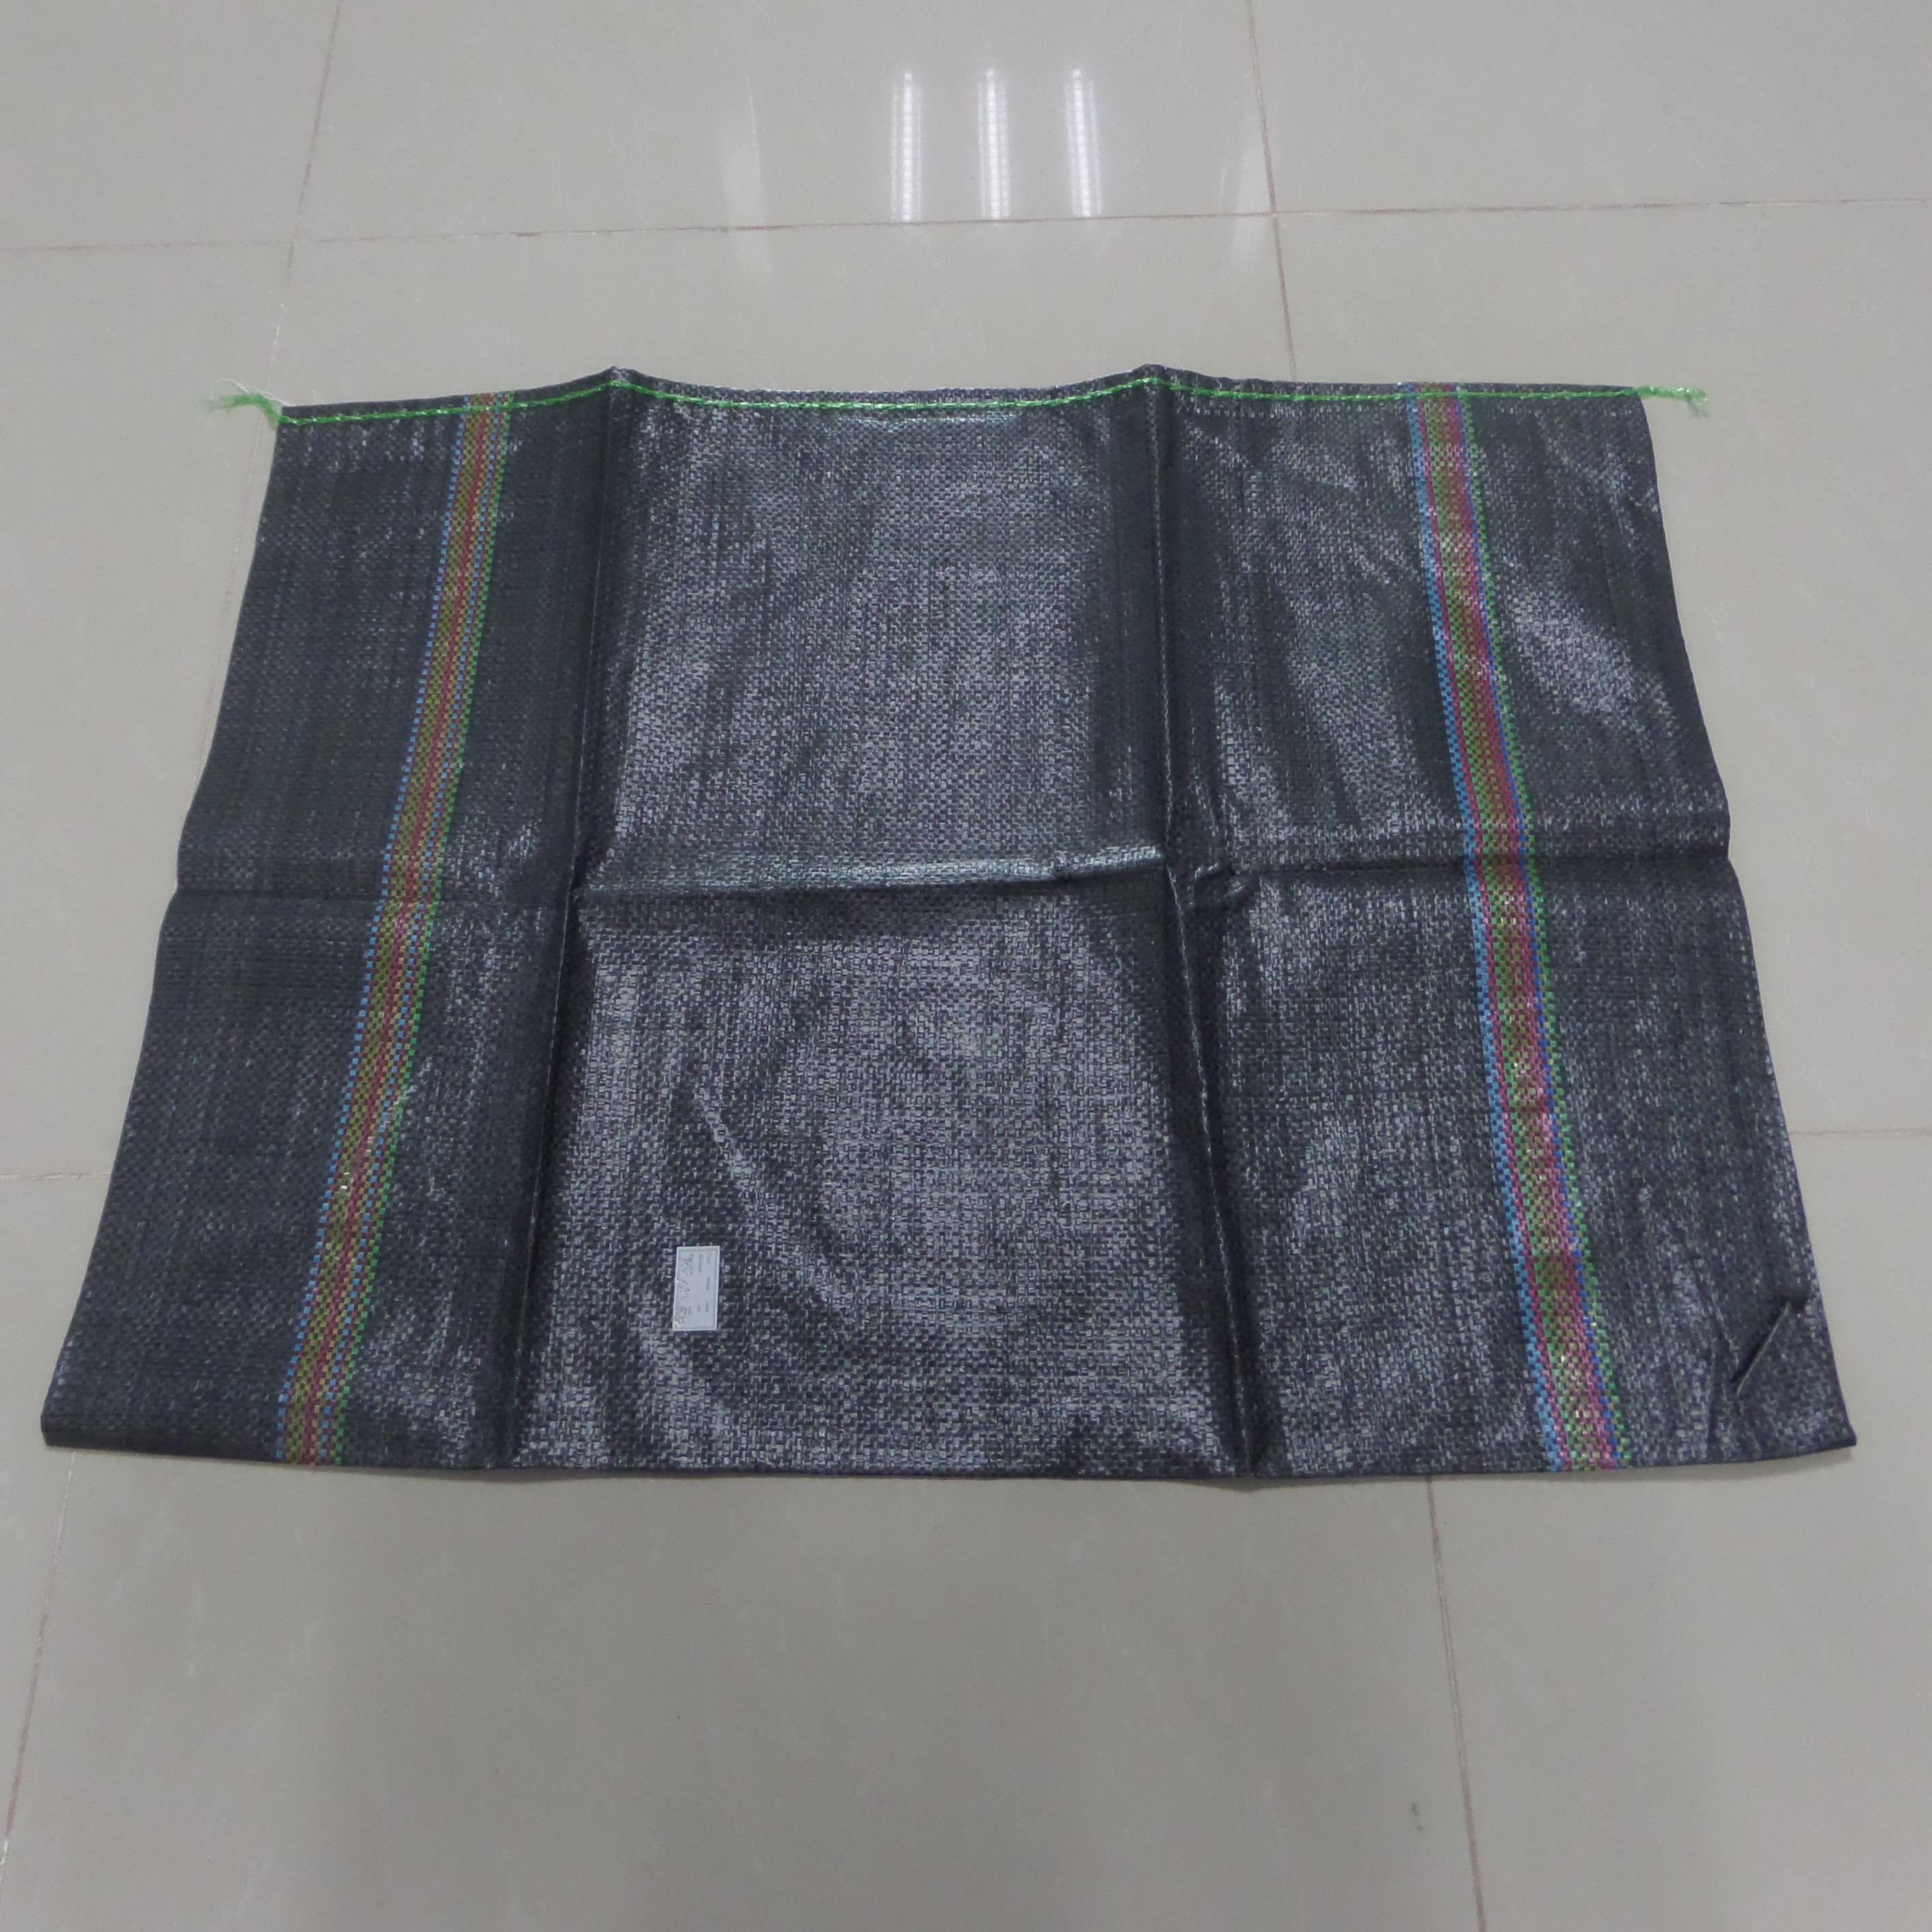 Bao xanh Đen Kt 90 * 120 / 62 (g/m2)